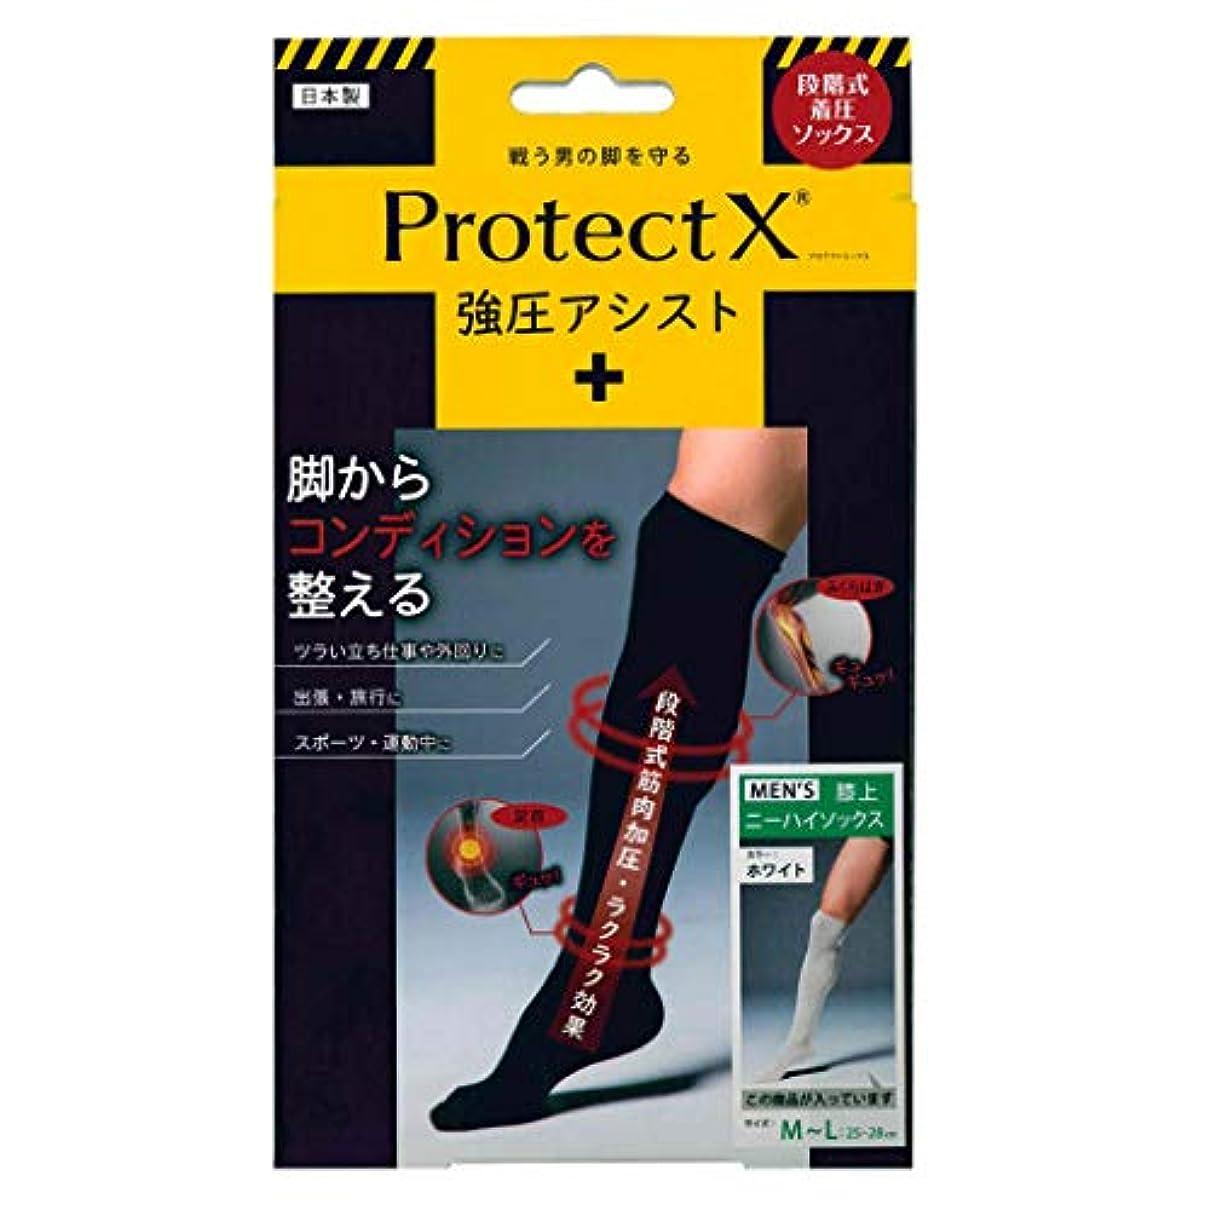 独特のキャンペーンのどProtect X(プロテクトエックス) 強圧アシスト つま先あり着圧ソックス 膝上 M-Lサイズ ホワイト